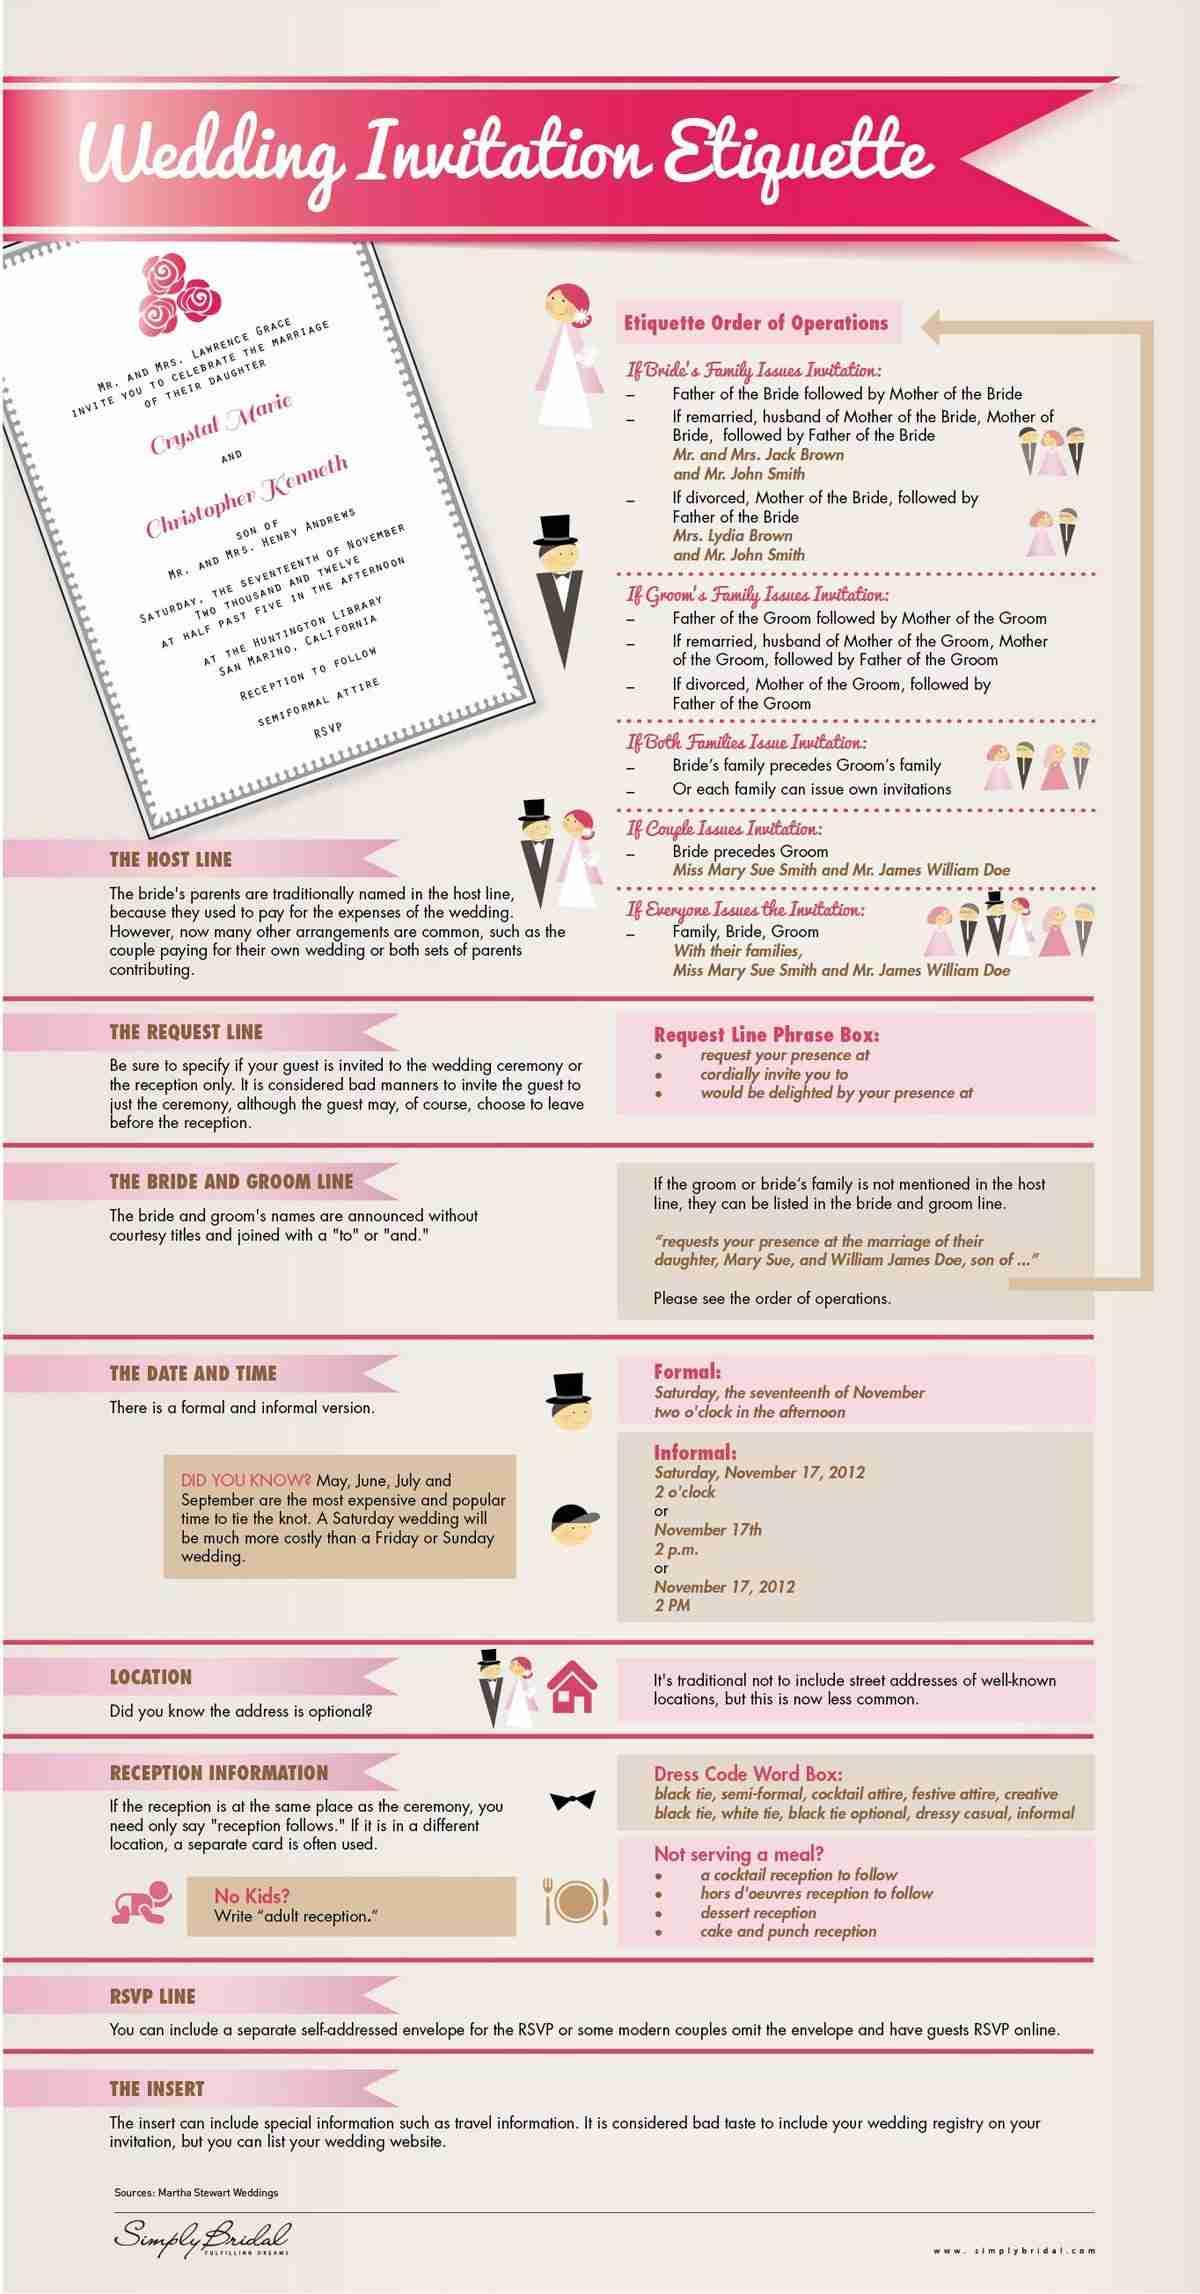 The Wedding Invitation Etiquette 101